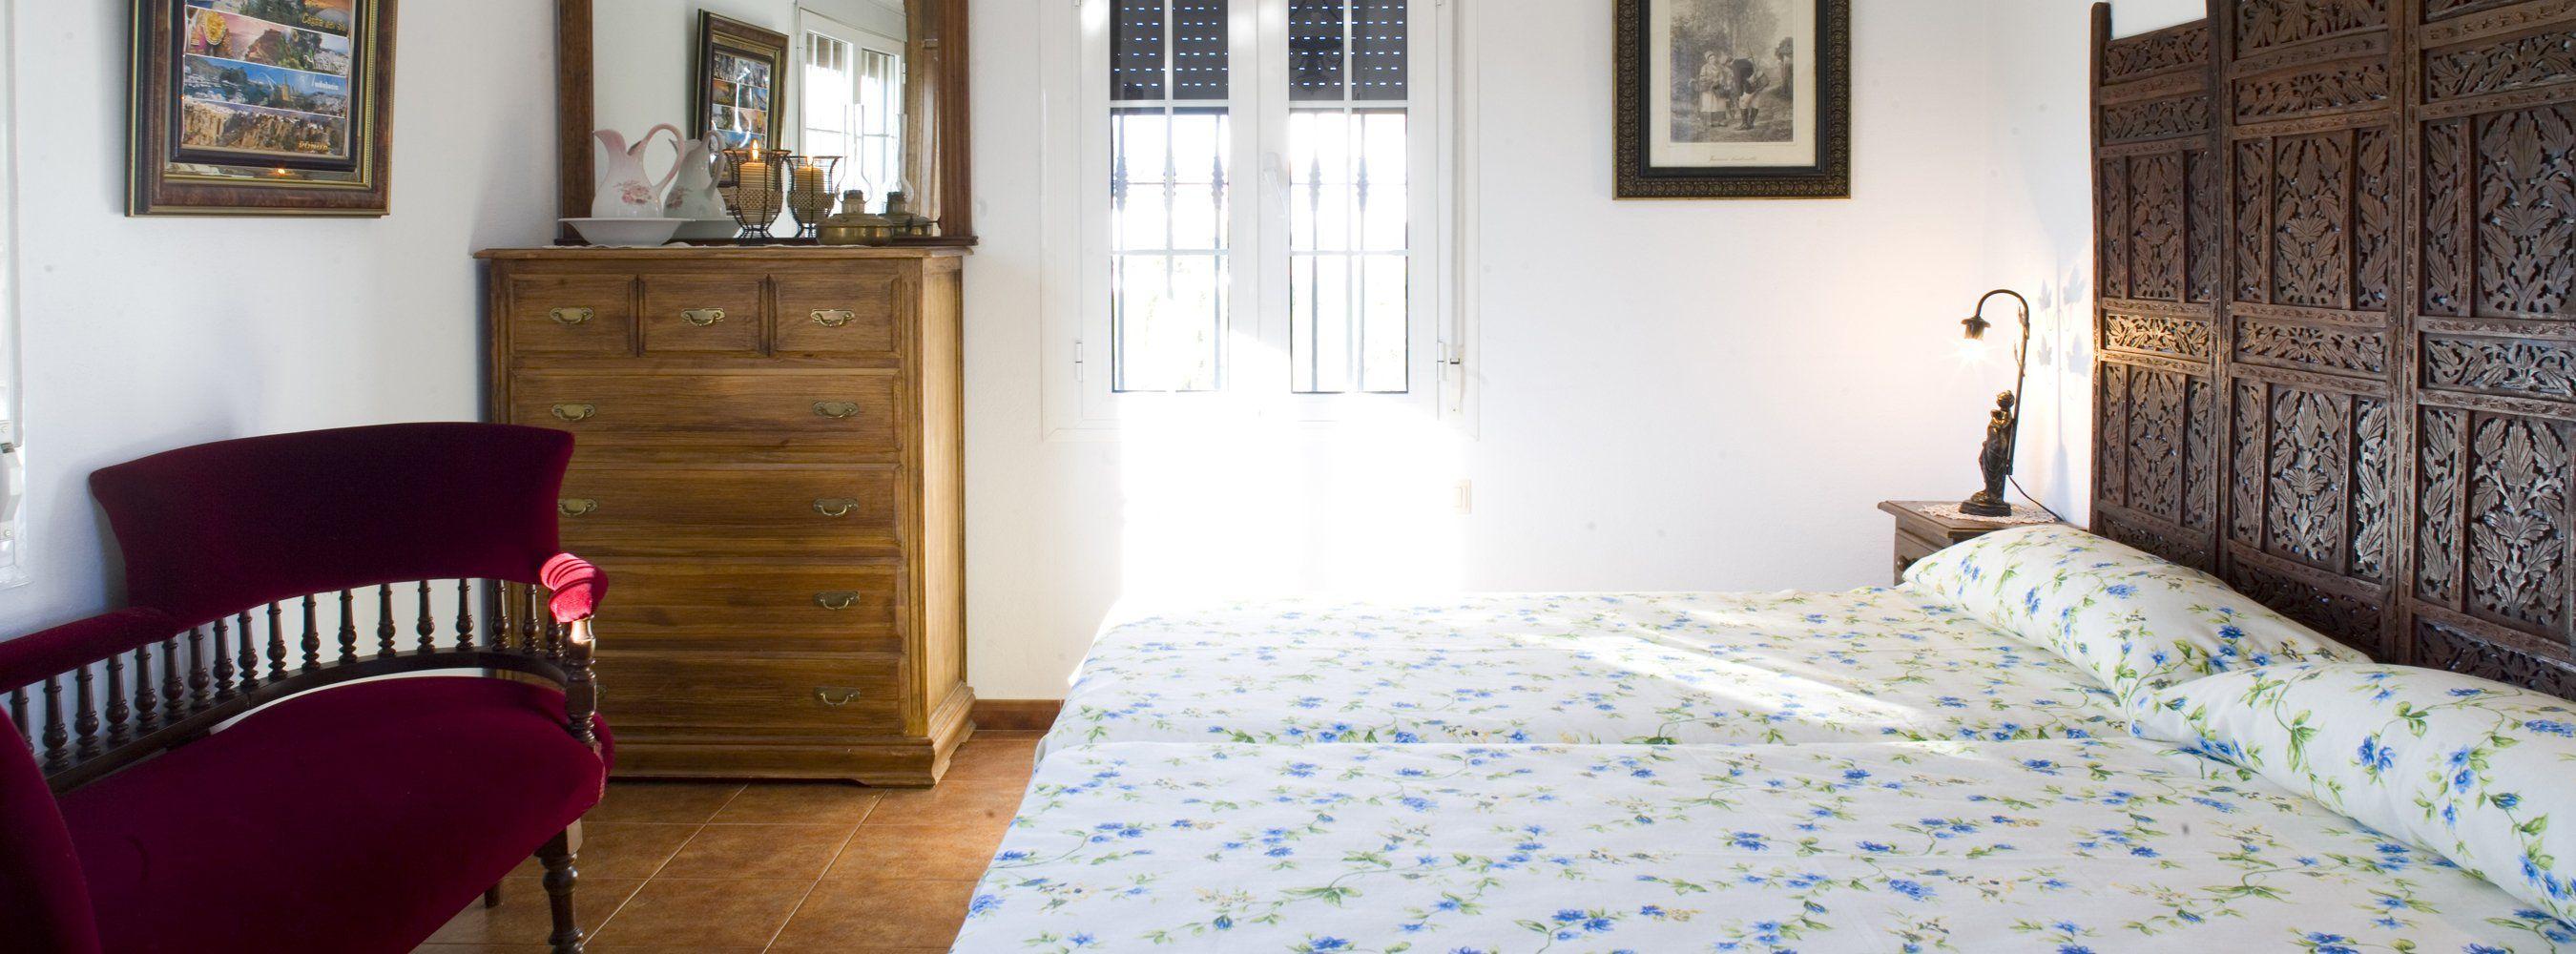 bedroom one in ronda